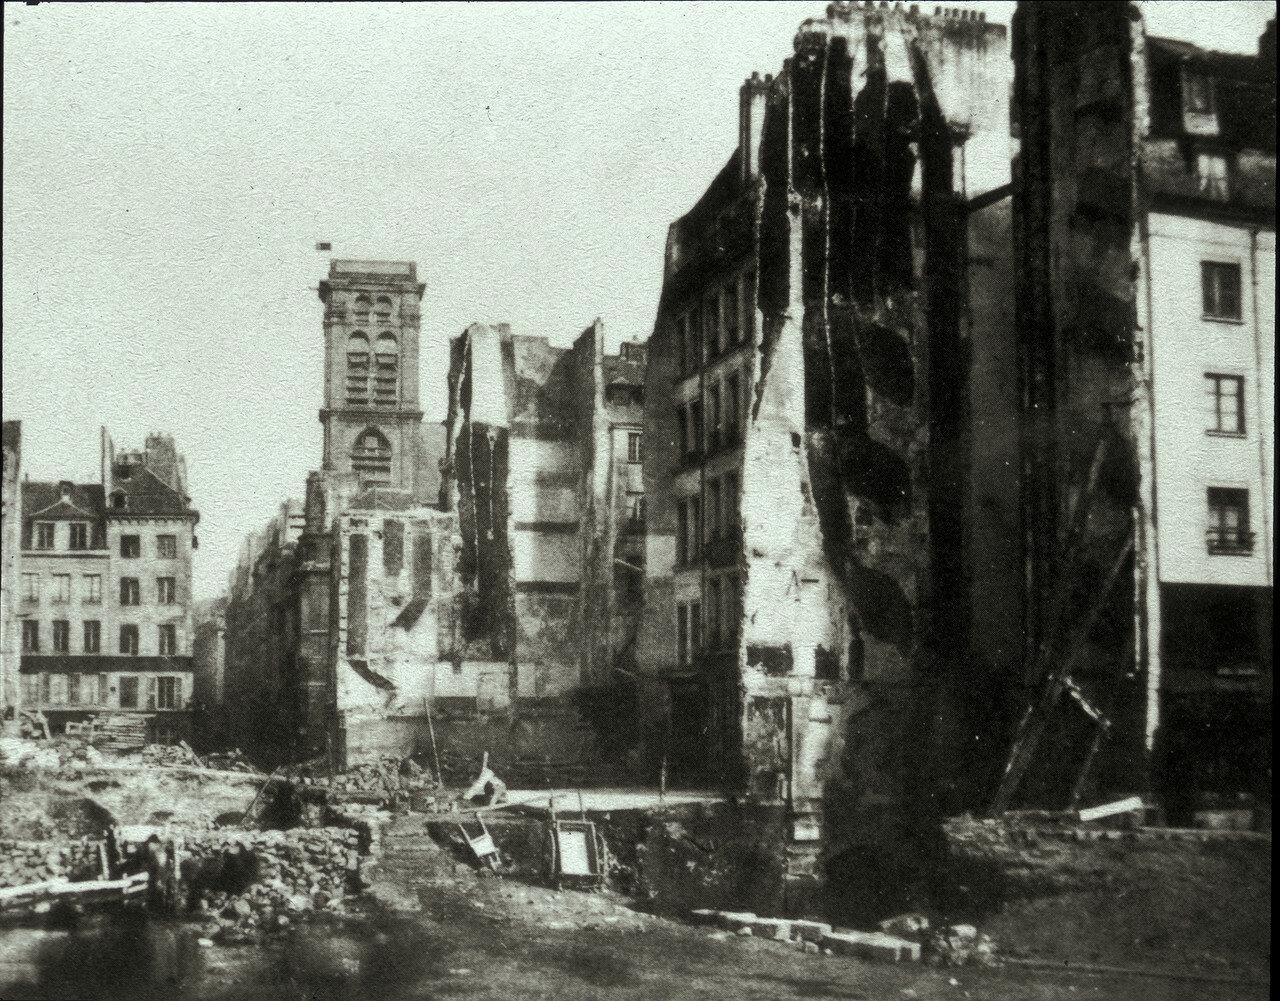 1853. Разрушение улицы Сен-Мартен